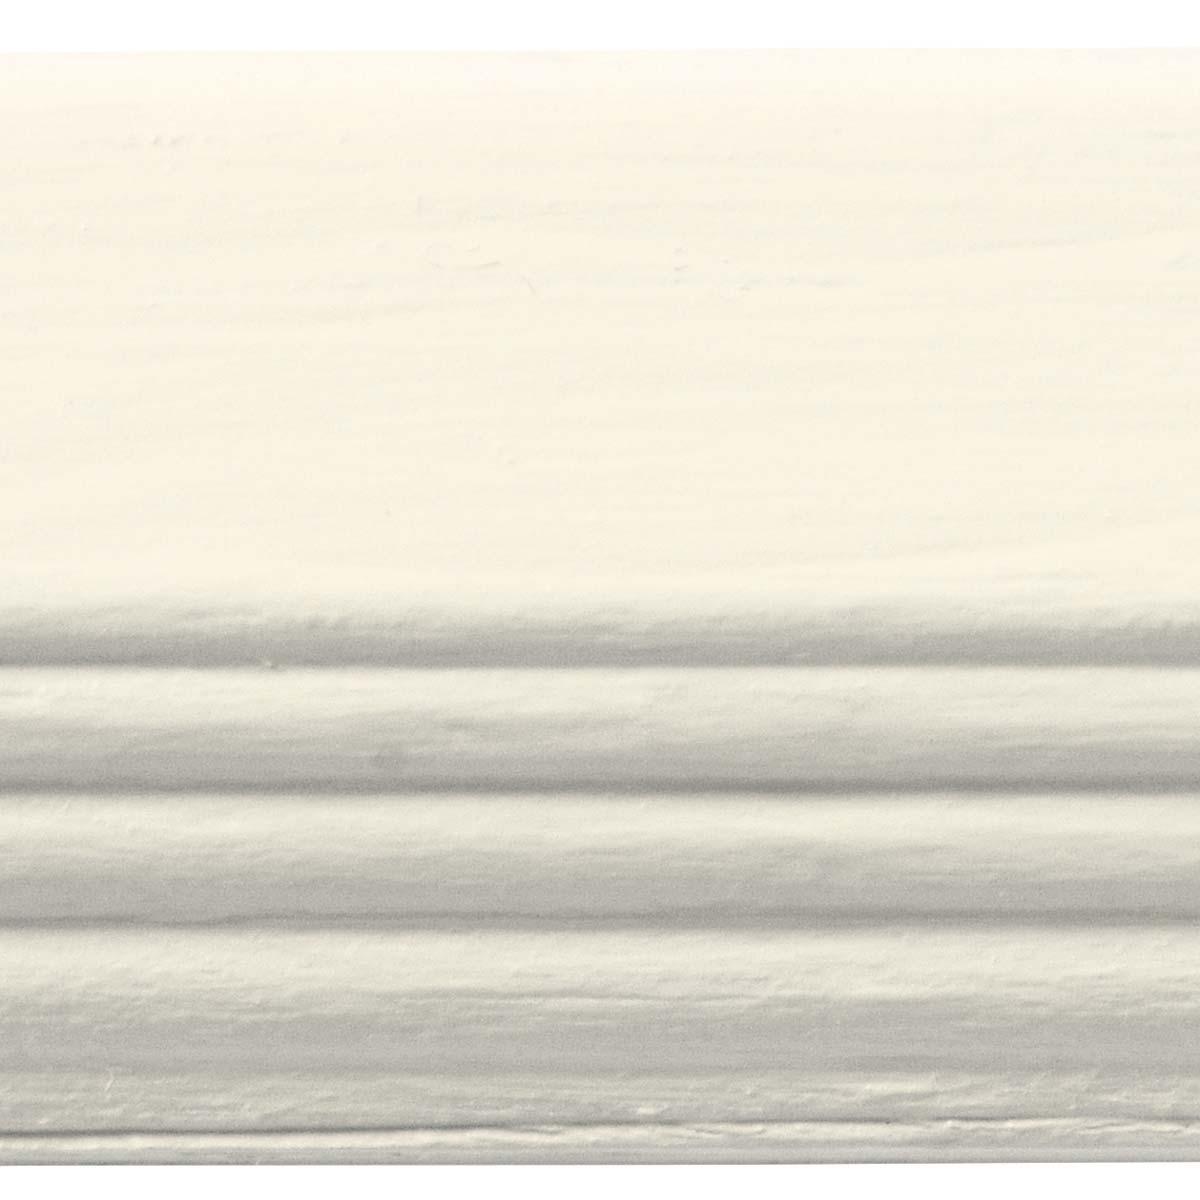 Waverly ® Inspirations Chalk Finish Acrylic Paint - Ivory, 16 oz.